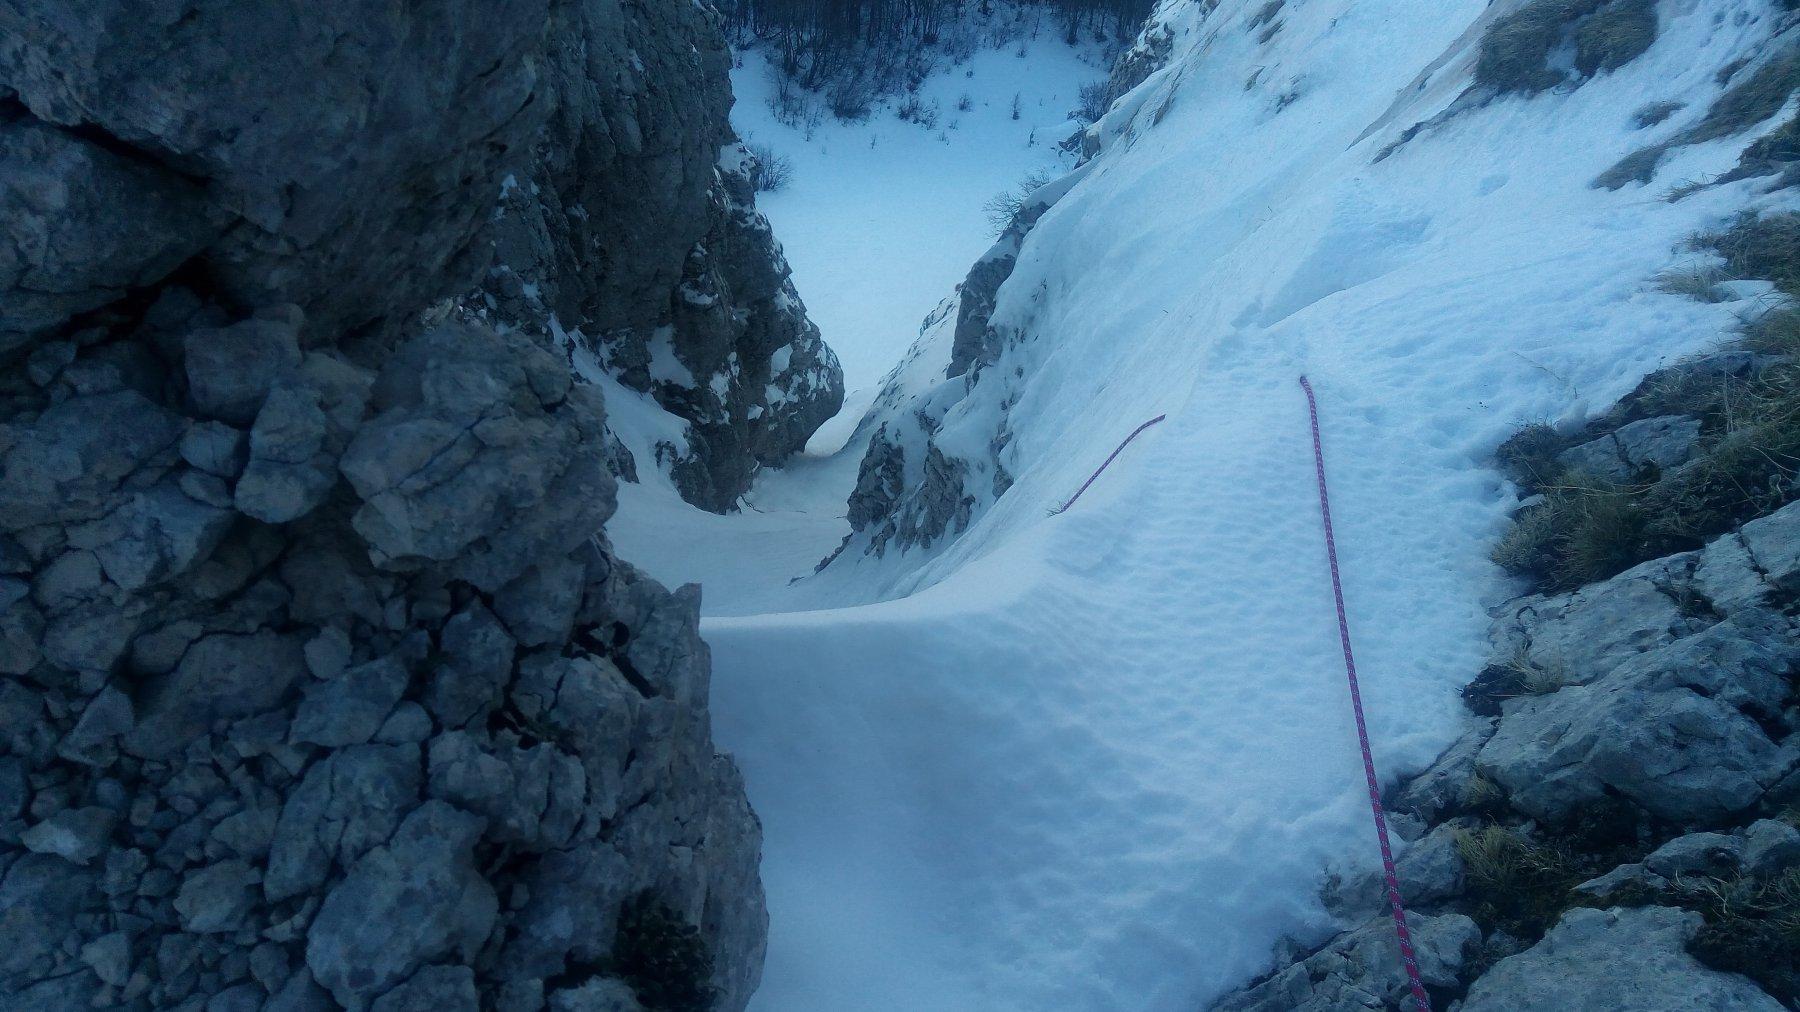 Croce Matese (Monte) Grotta delle Ciaole - Canale di destra 2018-01-04